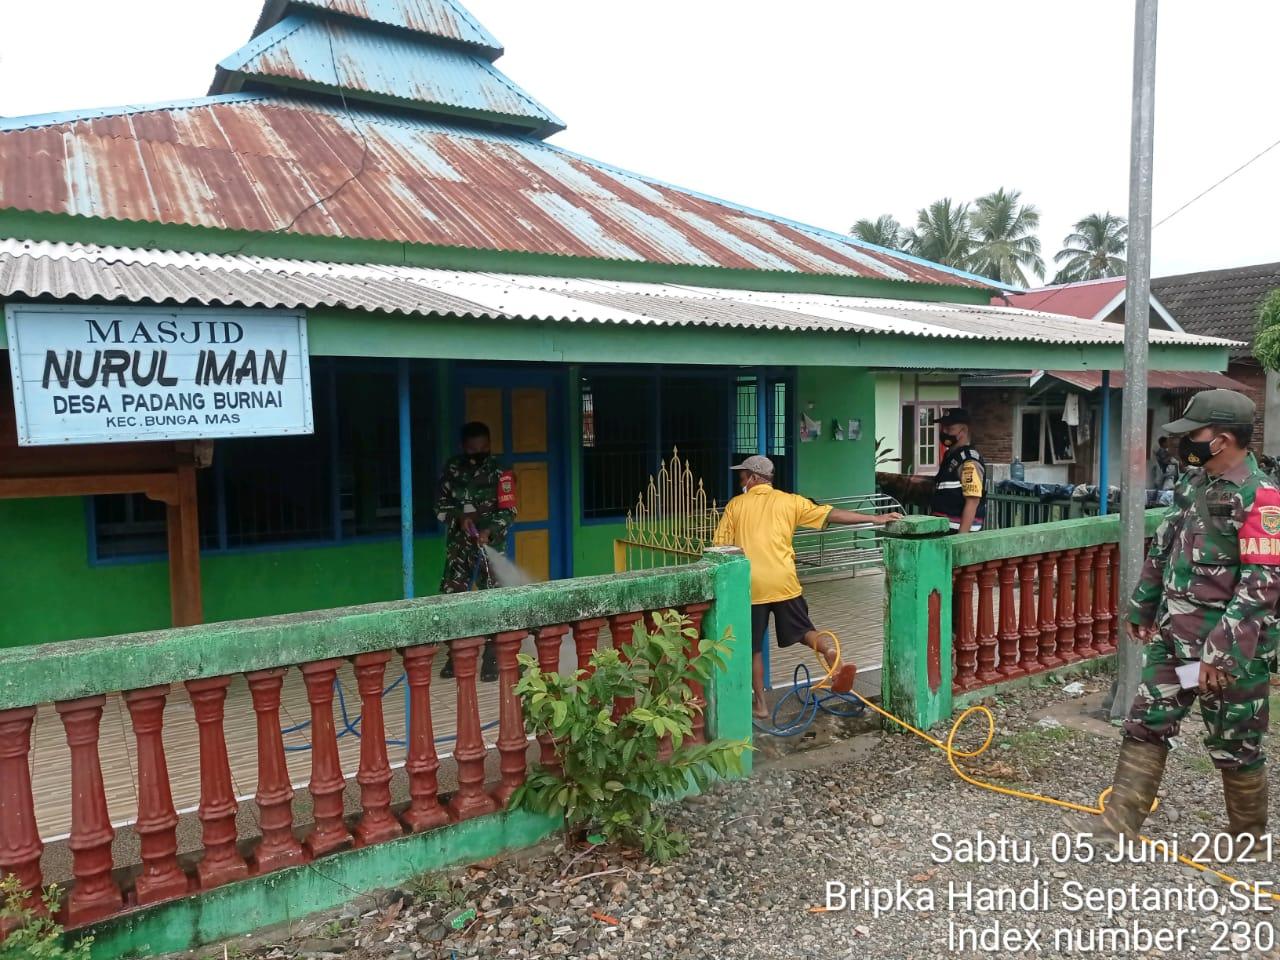 Pencegahan Covid-19, Desa Padang Burnai Semprot Fasum Dengan Cairan Desinfektan